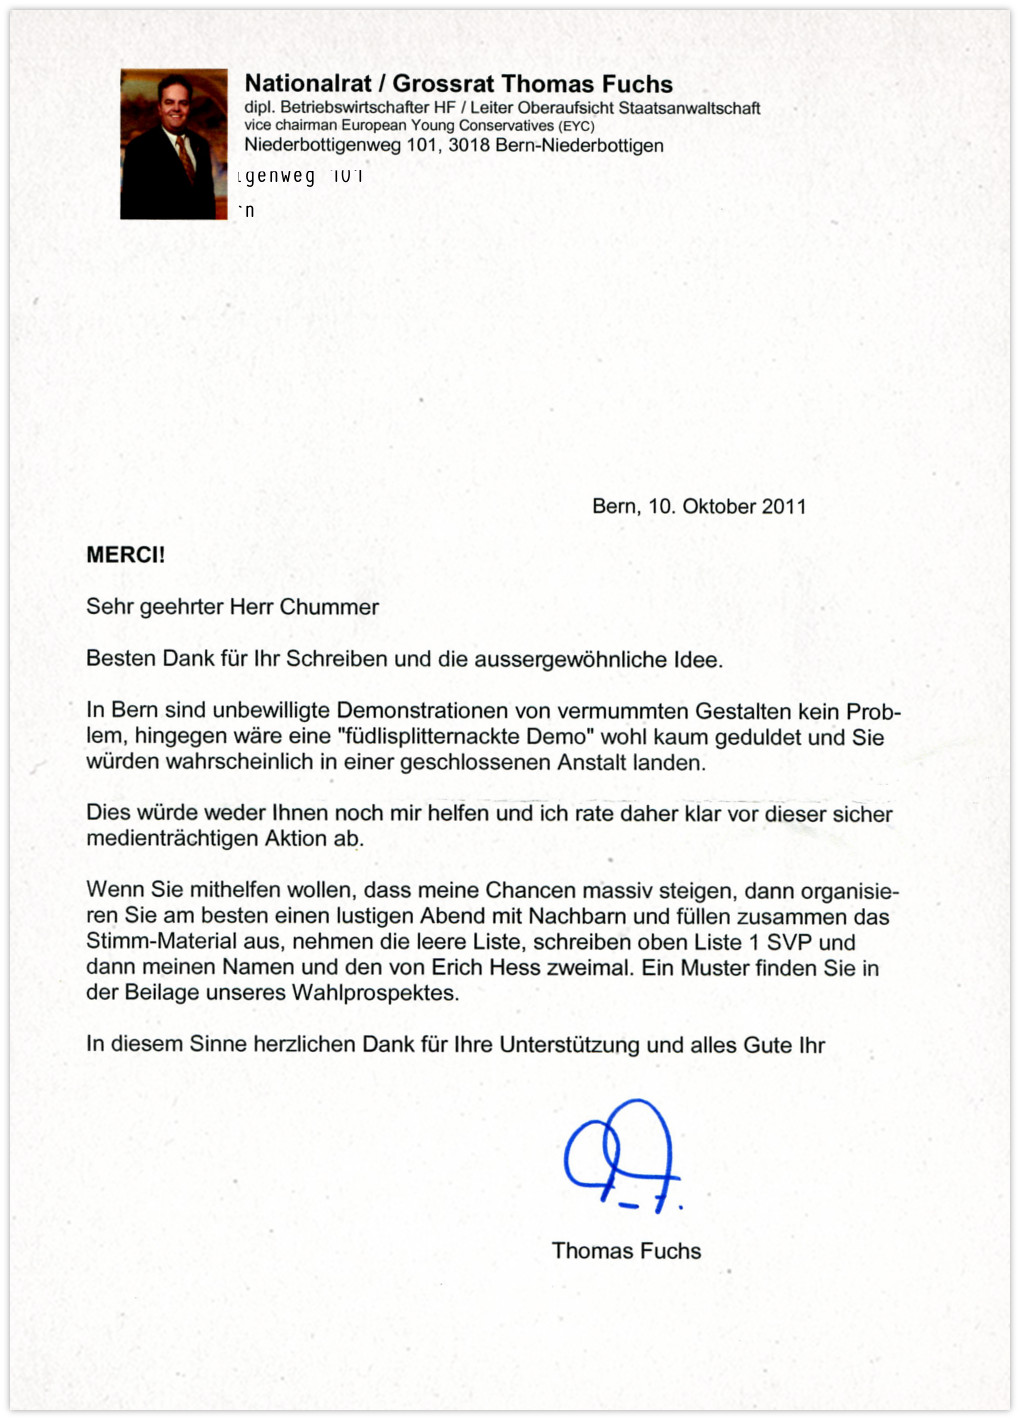 Thomas Fuchs - Antwort